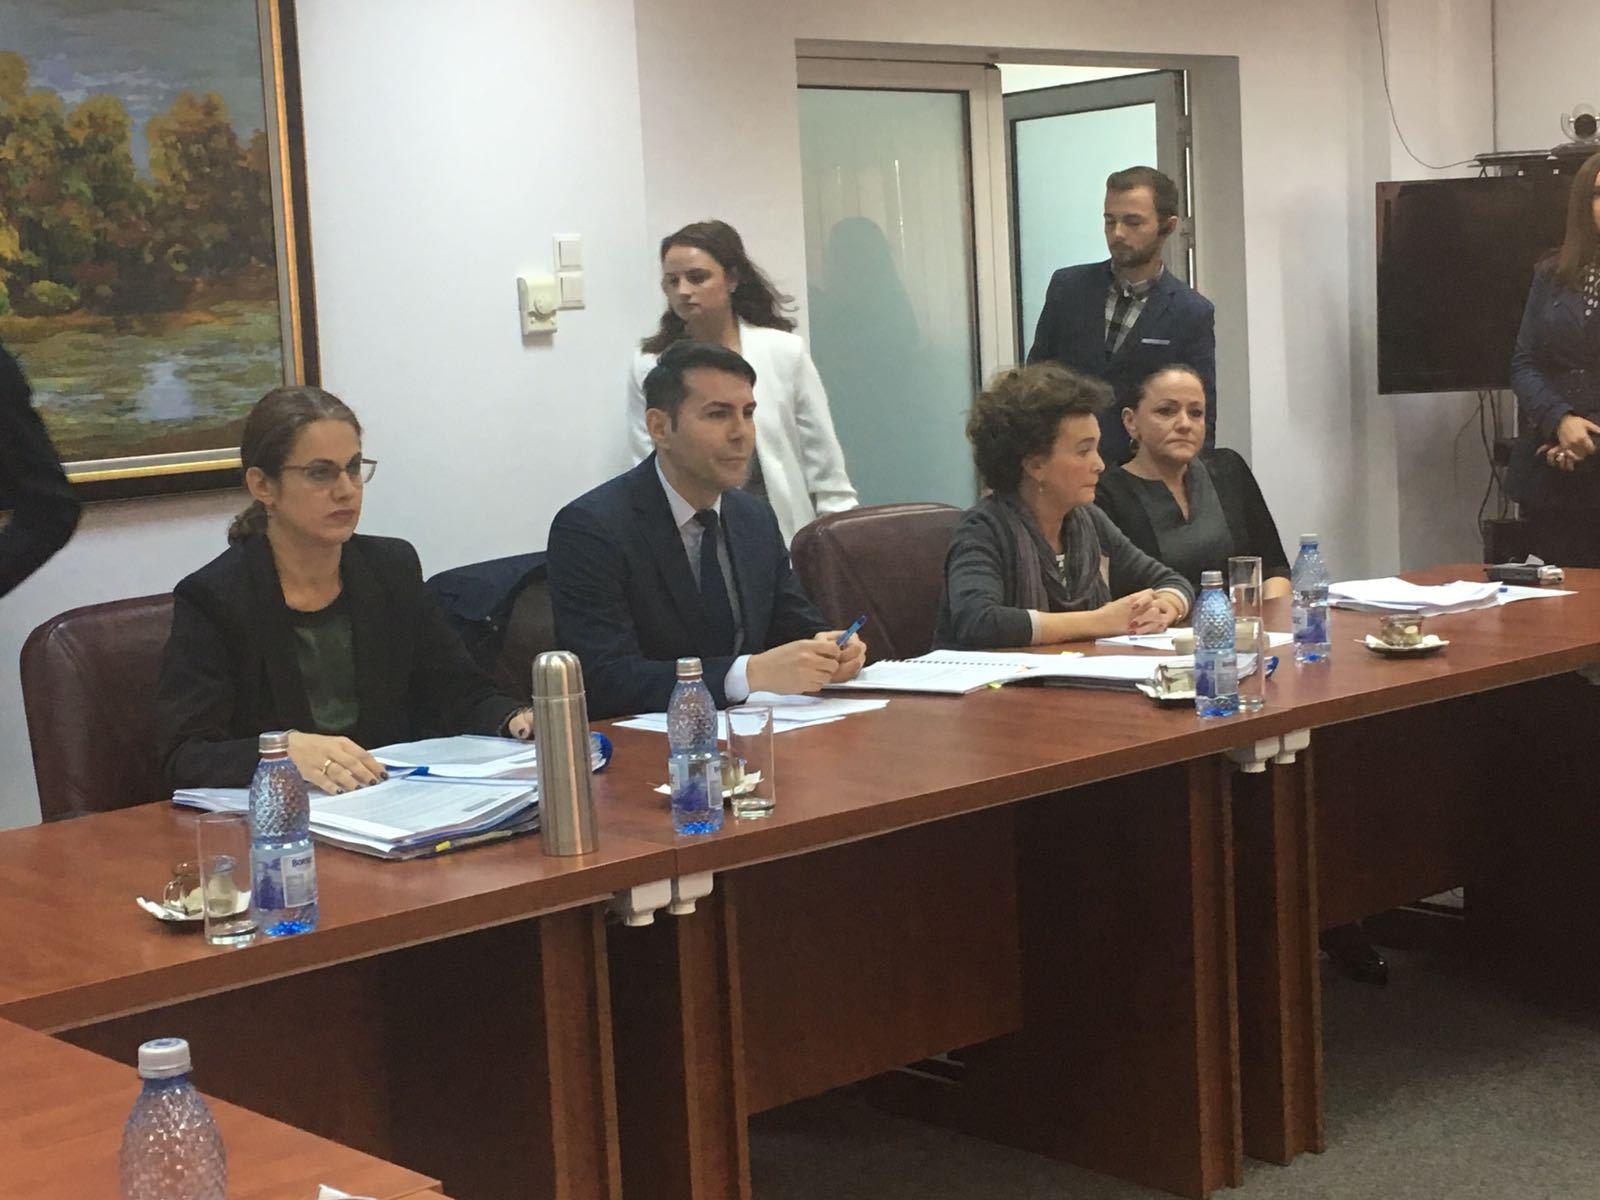 Un judecător CSM cere cod de conduită pentru magistraţii din Consiliu: Se încalcă regulile dialogului